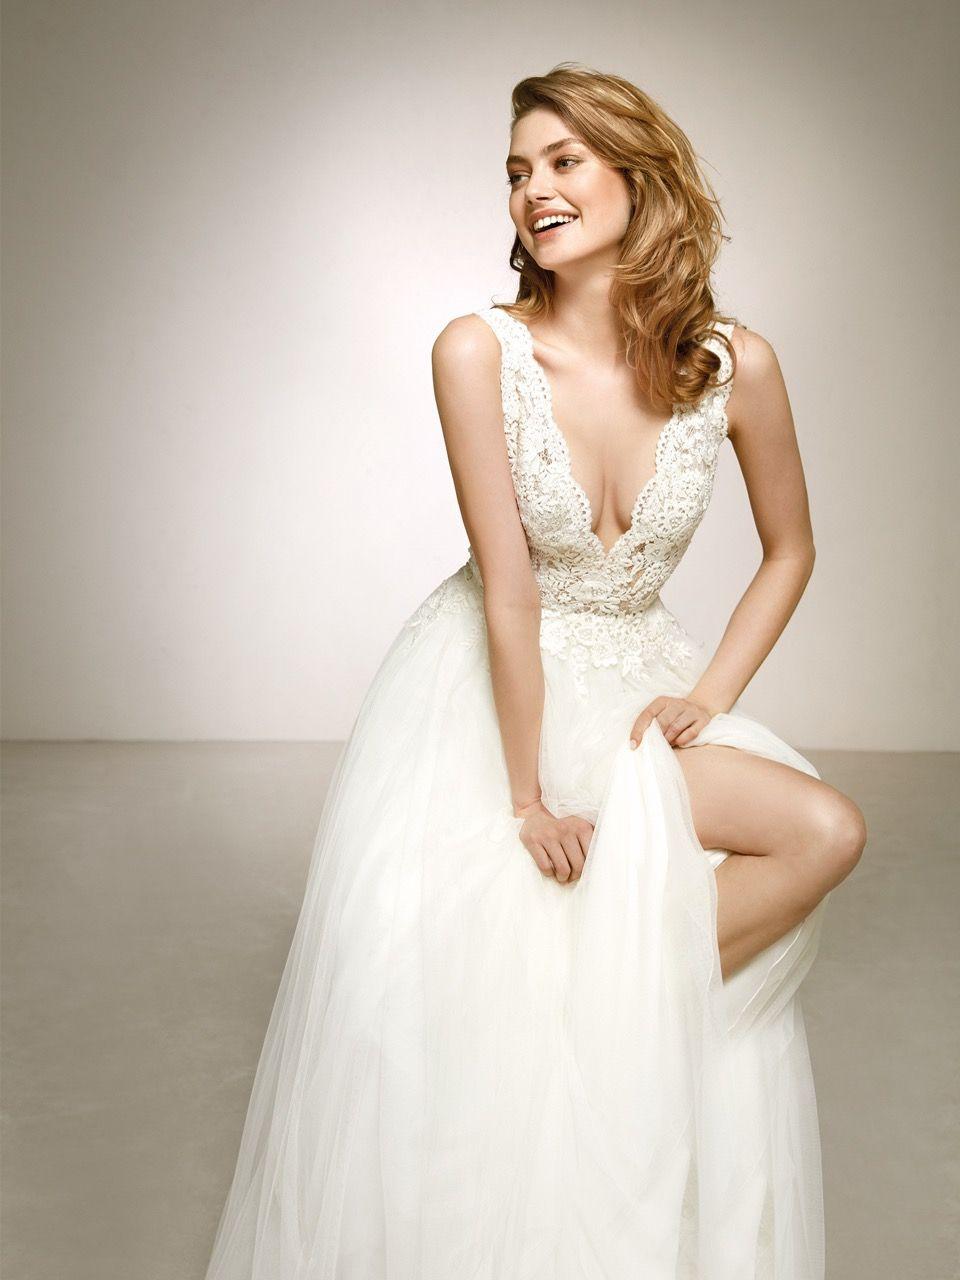 New In Zauberhaftes Brautkleid Von Pronovias Modell Dalgo Pronovias Weddingdesign Bridaltrends Kleid Hochzeit Brautkleider Romantisch Pronovias Brautkleid